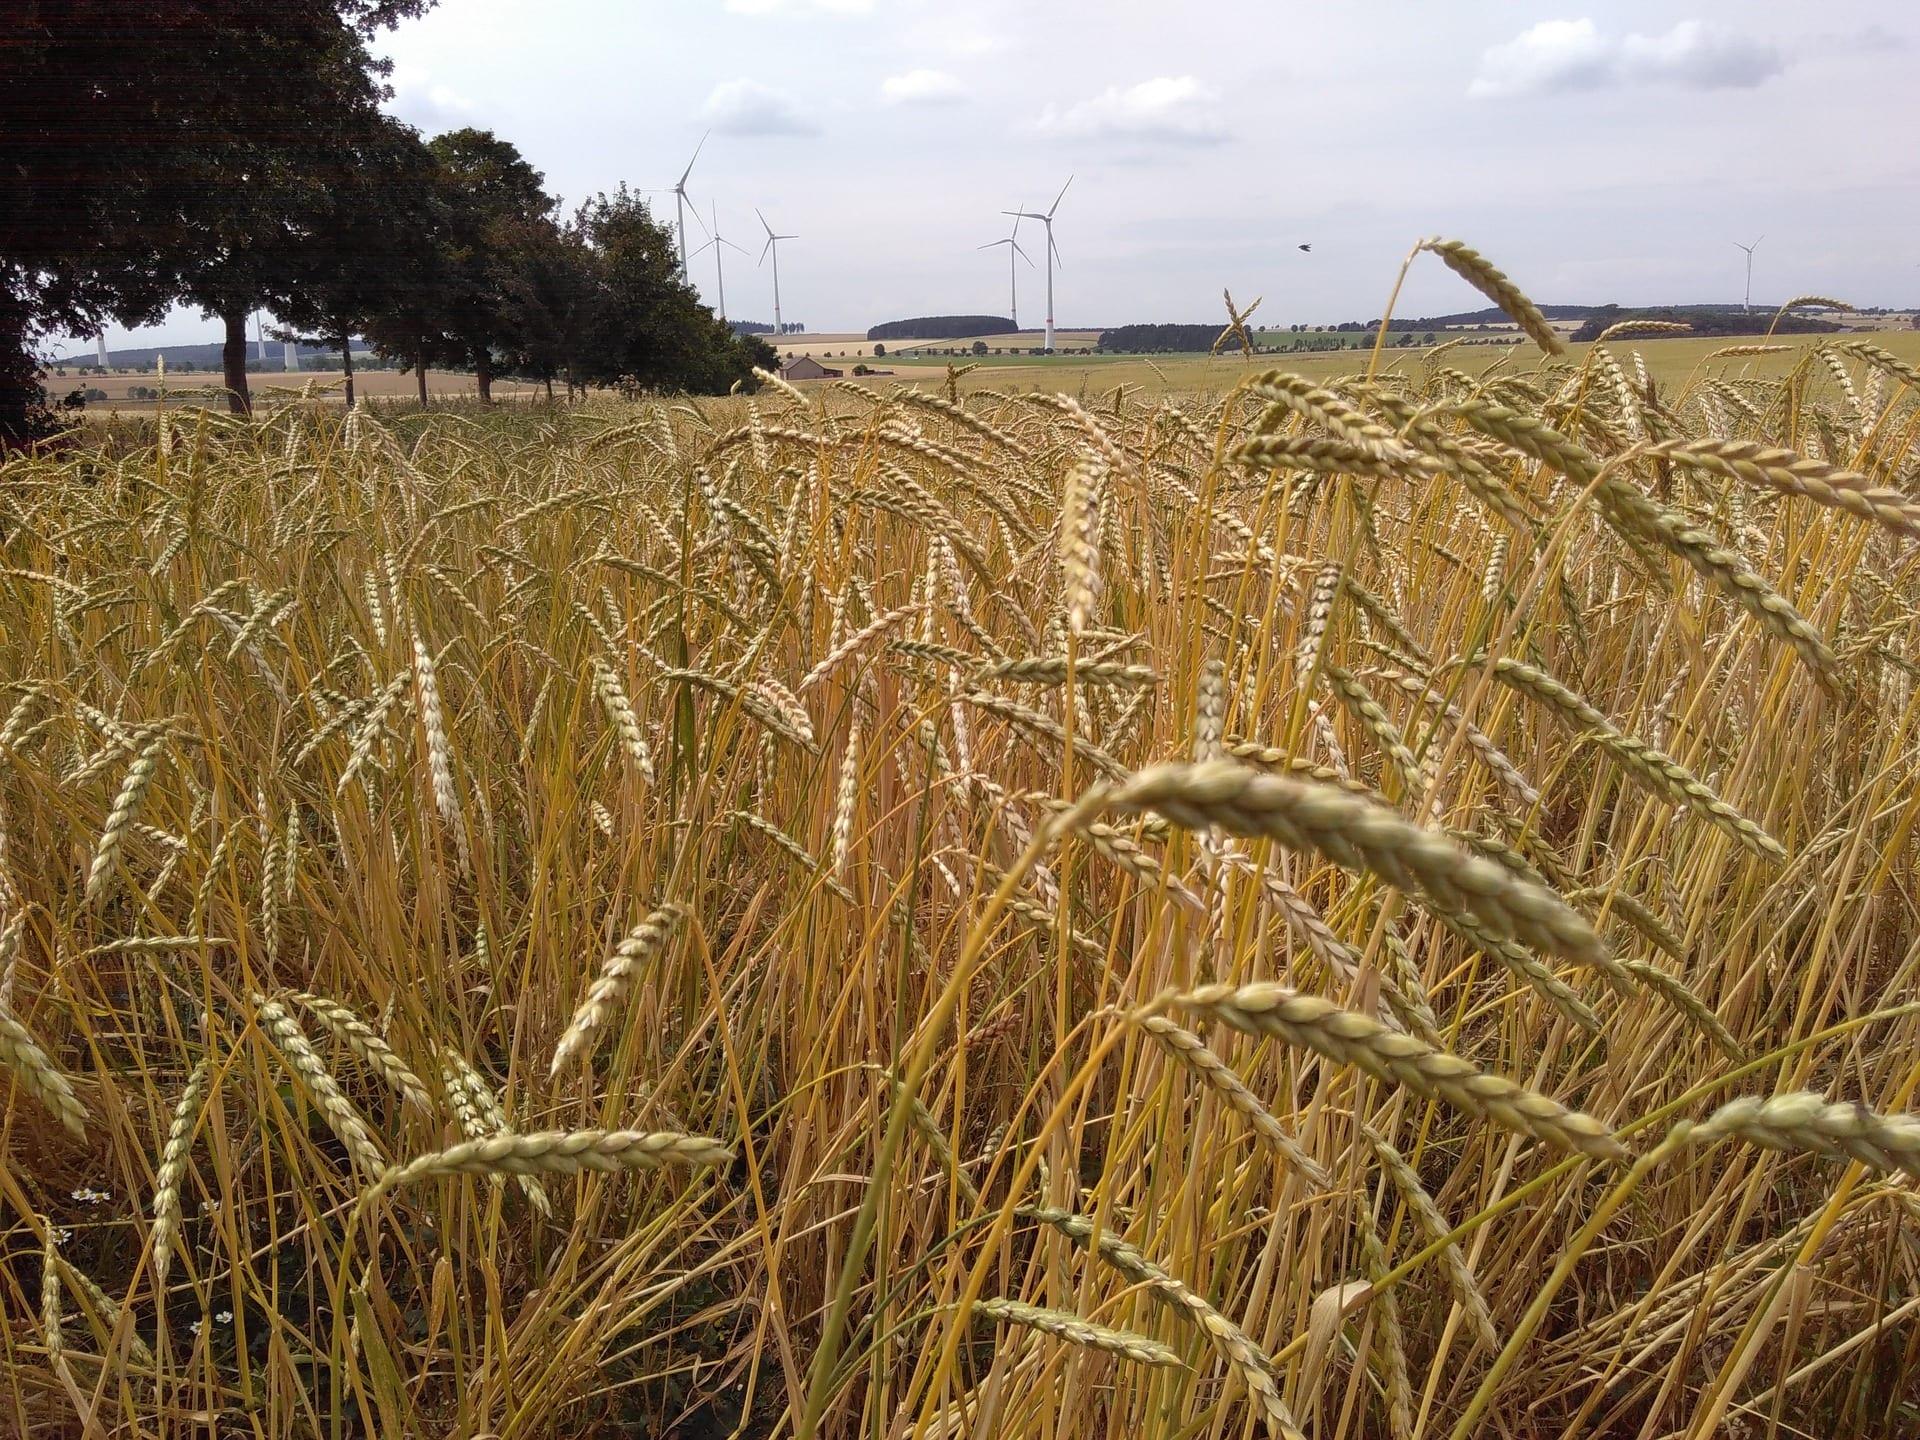 Schäler: Industrielle Lösungen zur Verarbeitung des Getreides